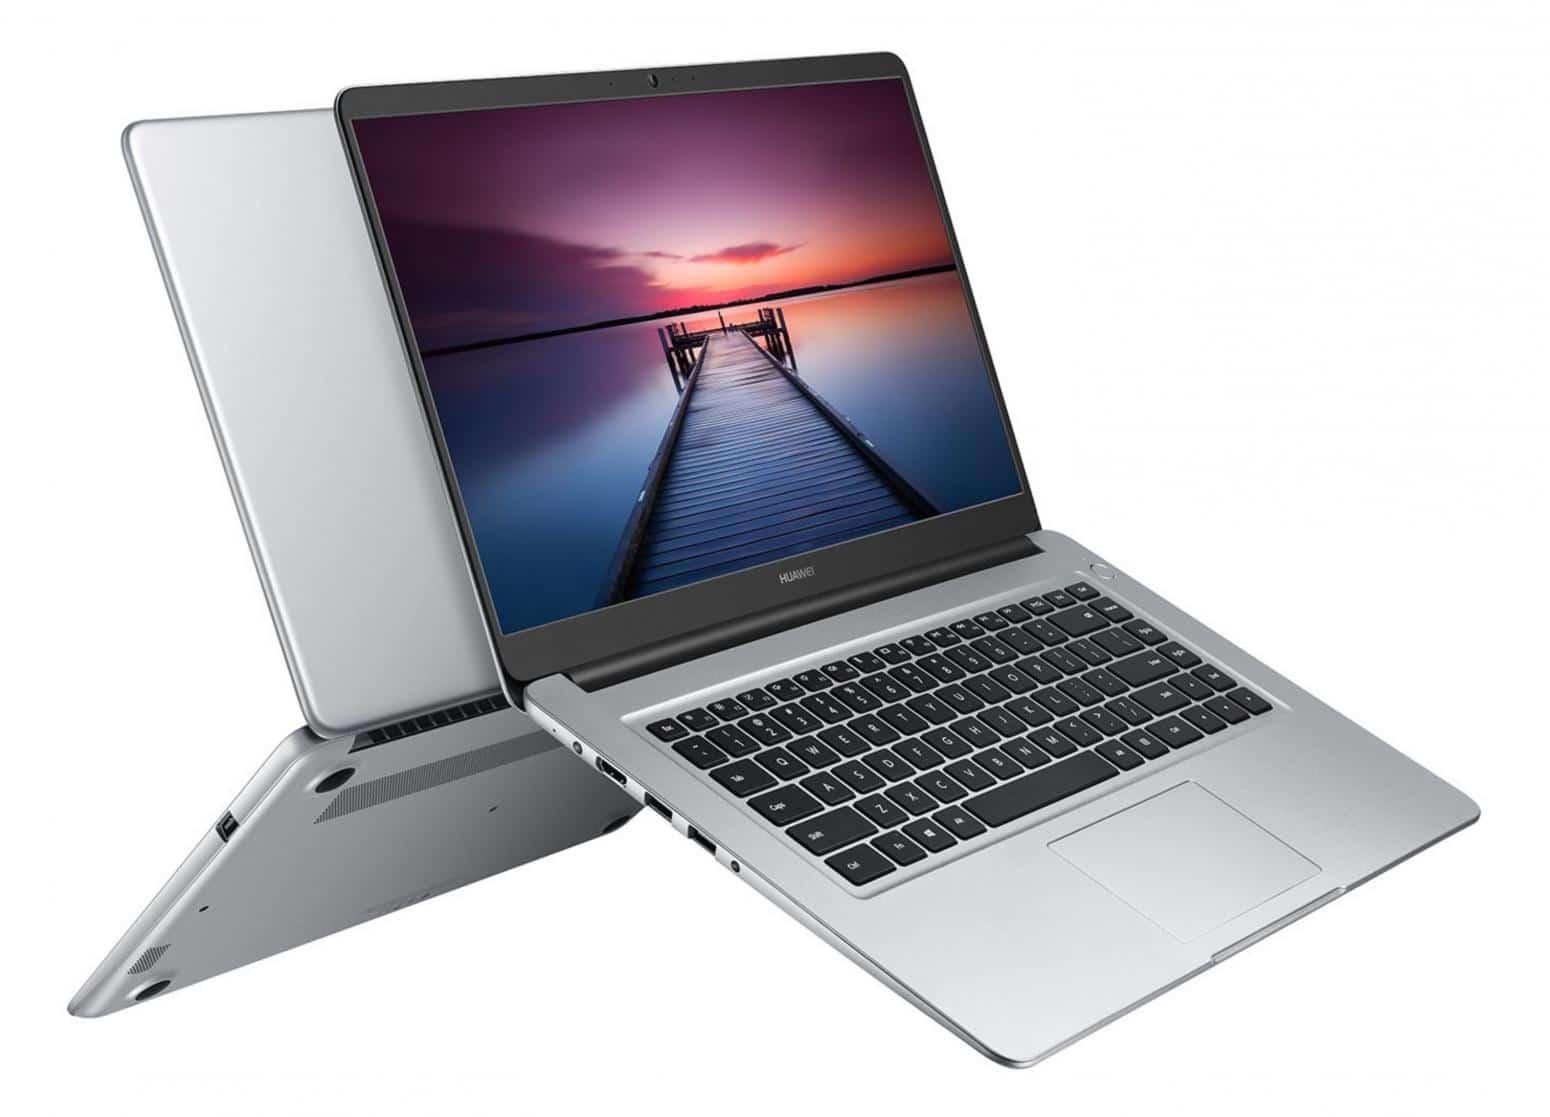 Revue de presse des tests publiés sur le Web (Huawei MateBook D 15)